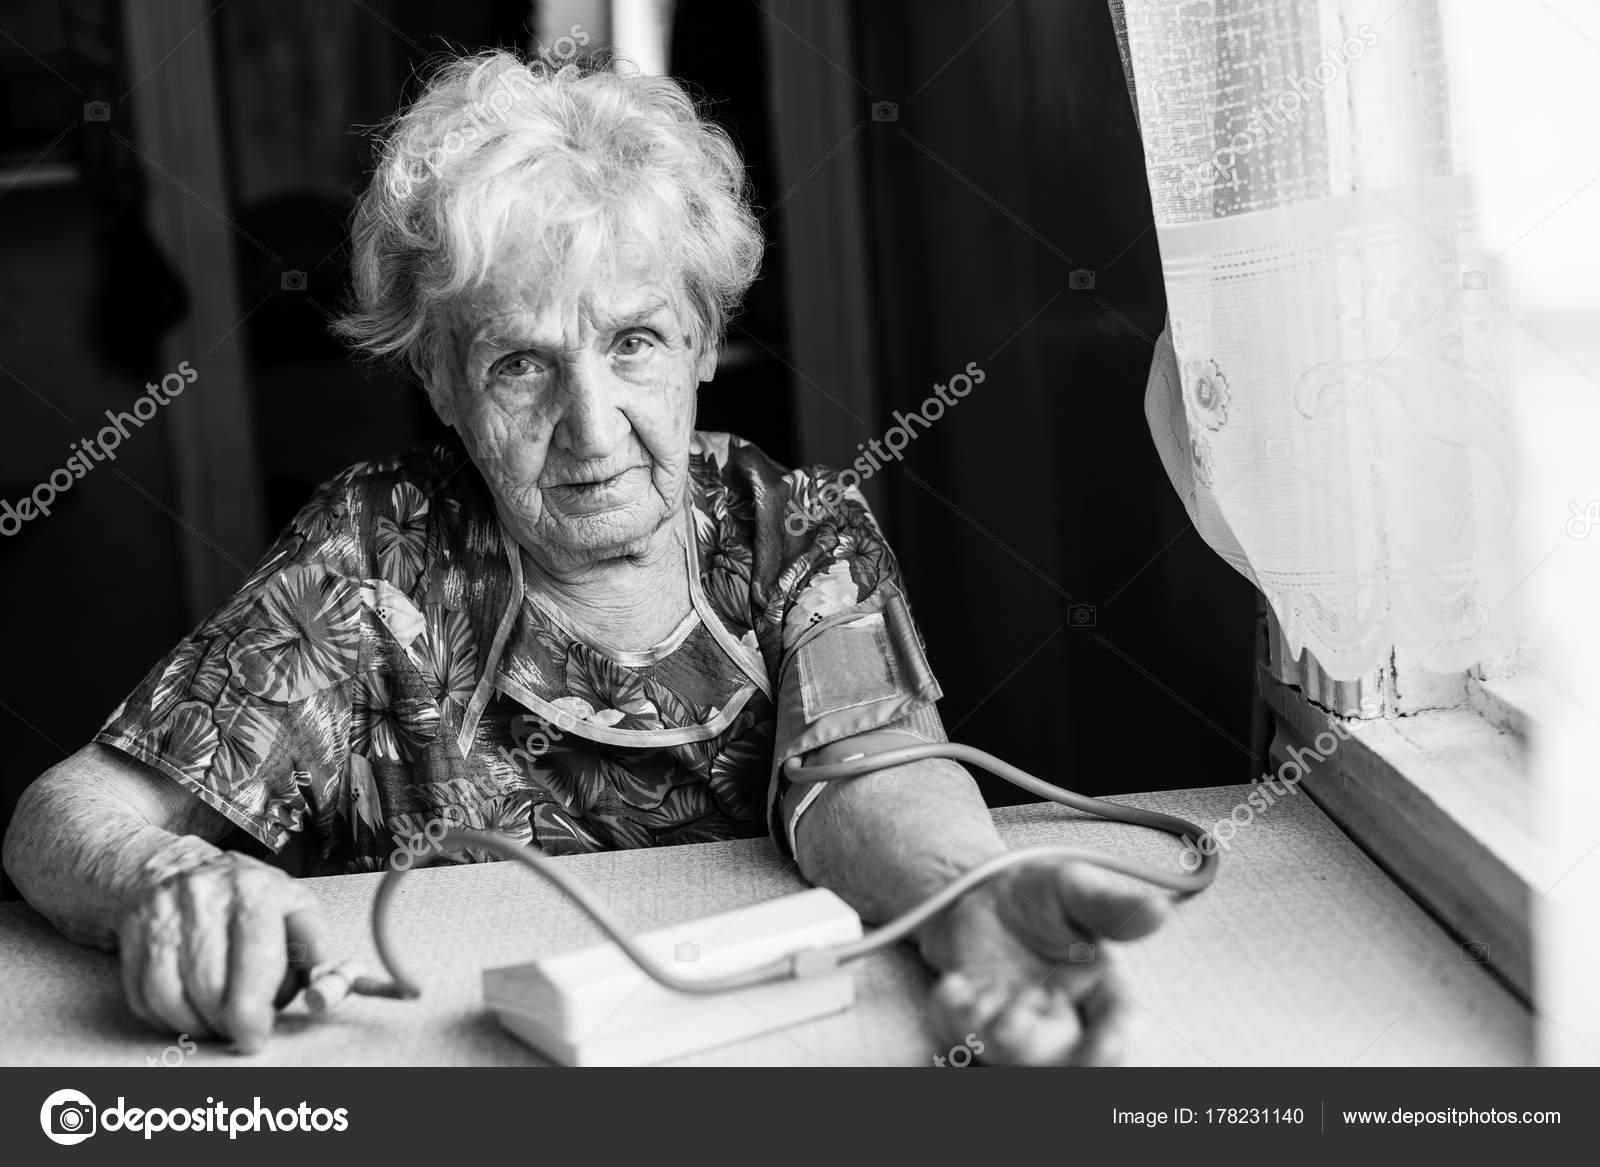 042c0b5d59 Idős Asszony Intézkedések Artériás Nyomás Fekete Fehér Fénykép ...